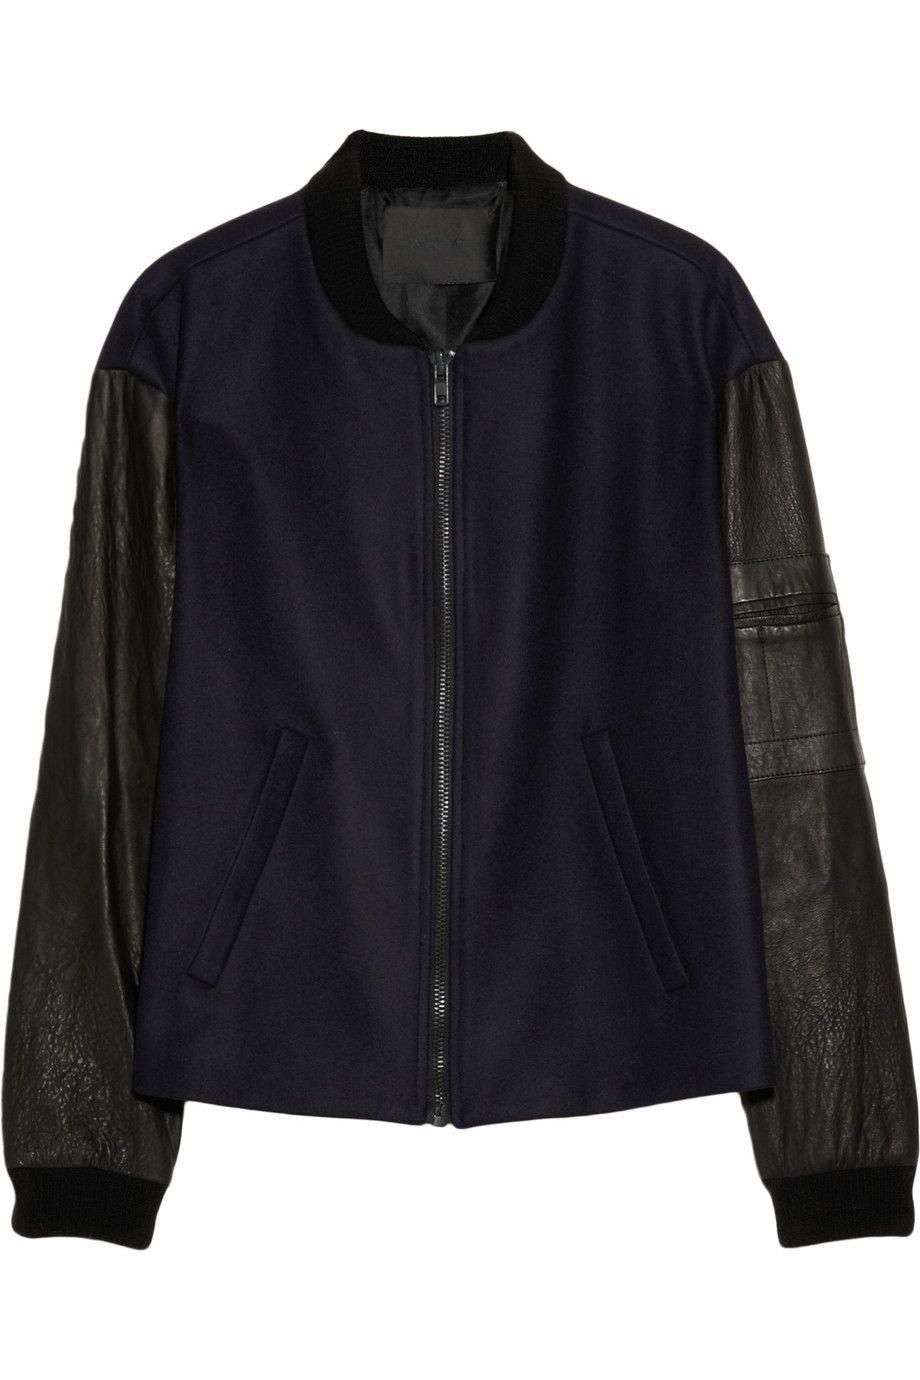 A.L.C. | Leather-sleeved wool-blend felt bomber jacket | NET-A-